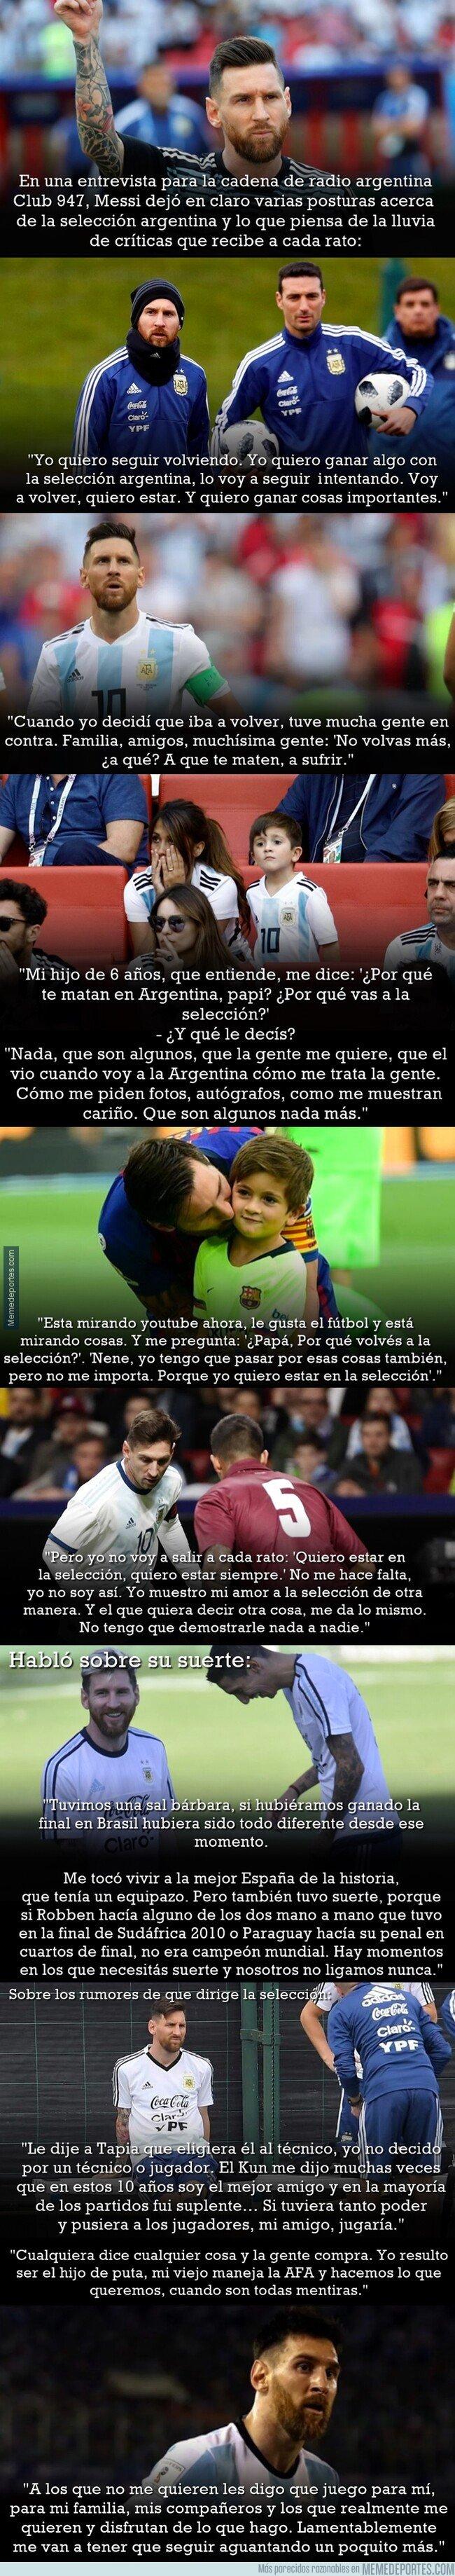 1069764 - Las declaraciones de Messi en una entrevista para sacarse un clavo grande